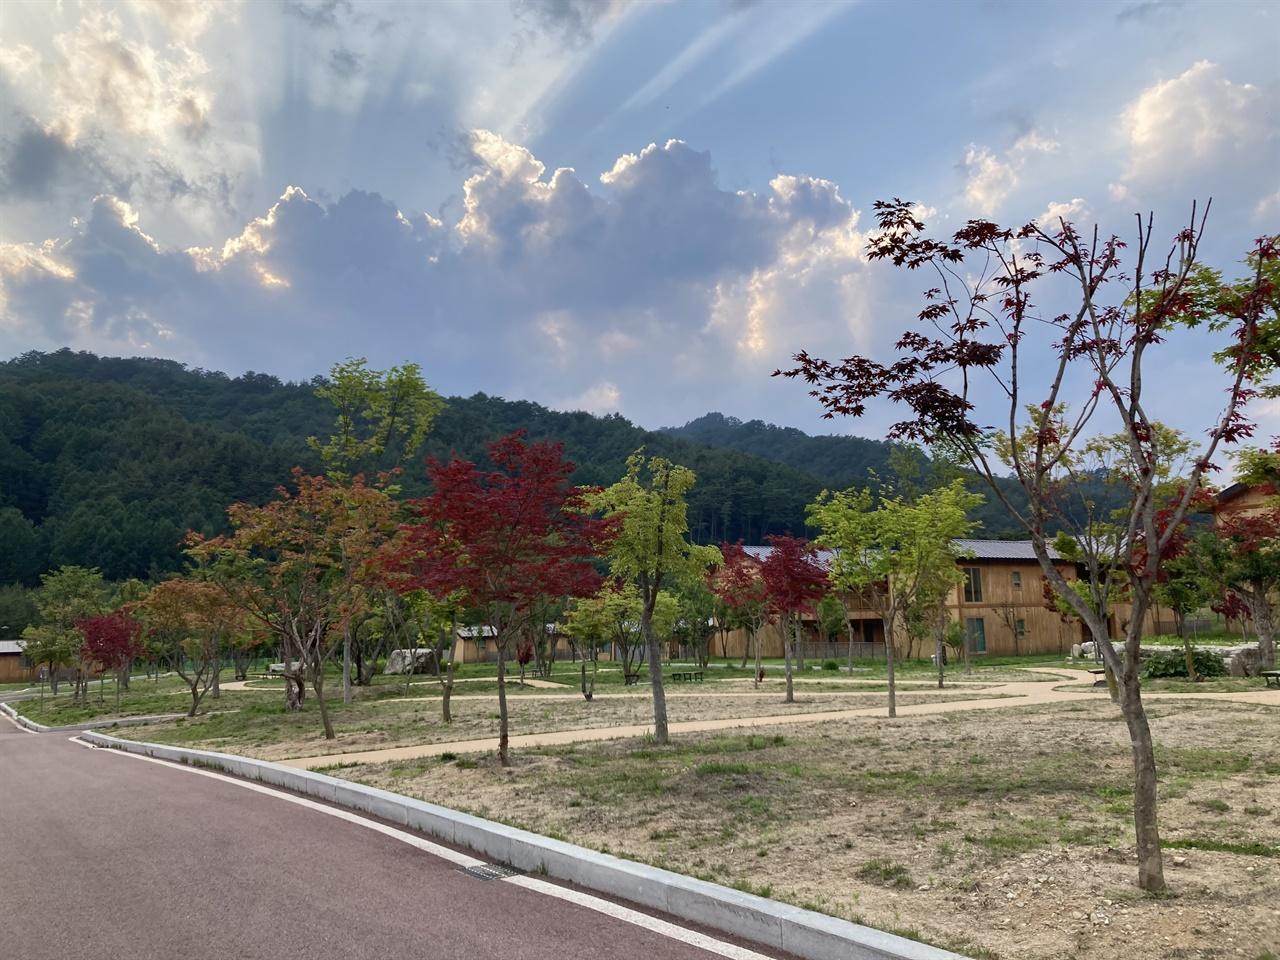 옴뷔 명상 마을 정원의 멋진 뷰